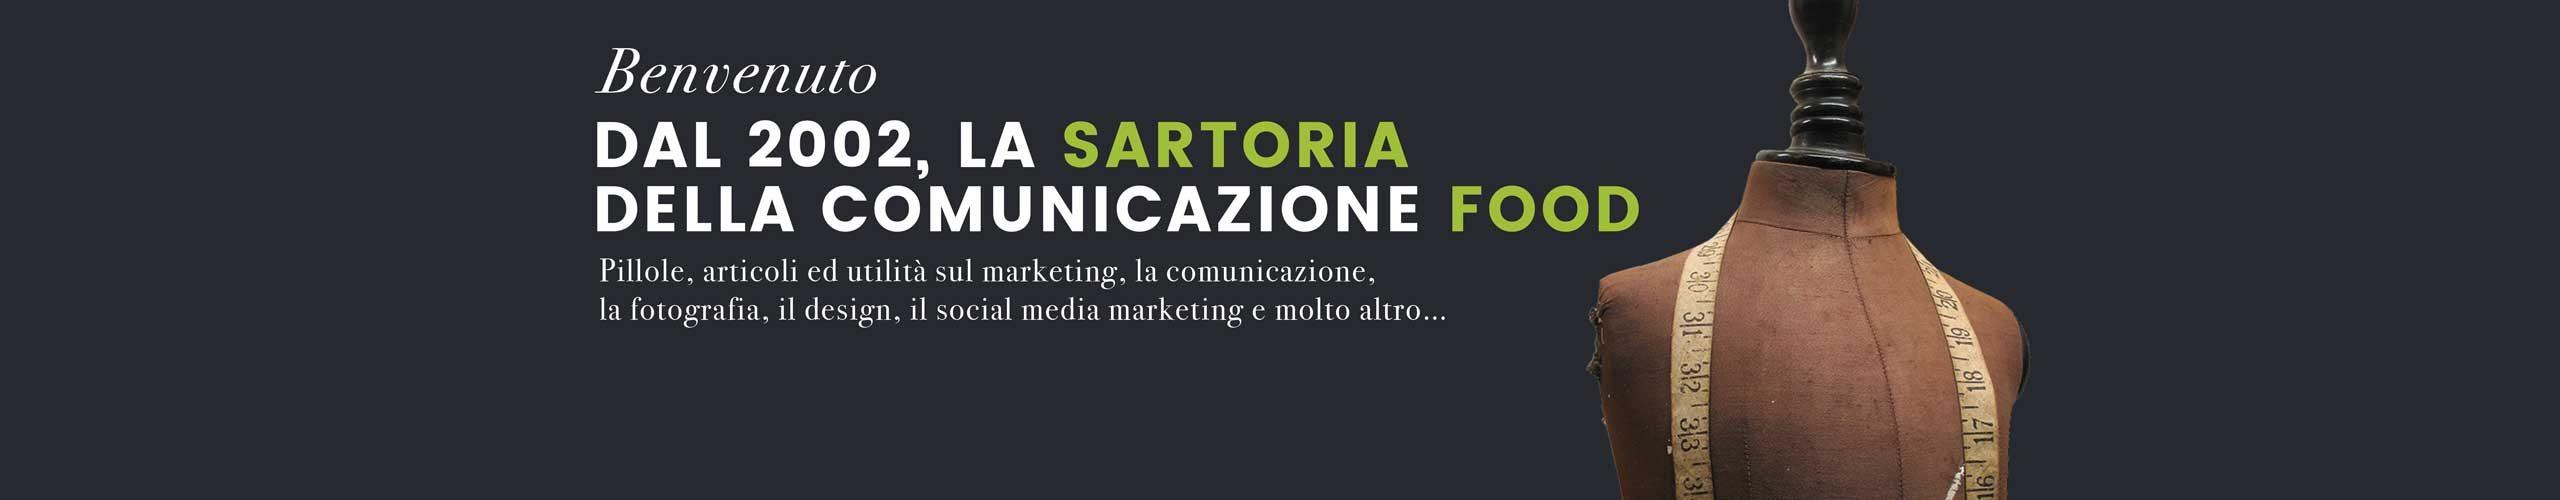 Delfi & Partners Blog | Pillole, articoli ed utilità sul marketing, la comunicazione, la fotografia, il design, il social media marketing e molto altro…